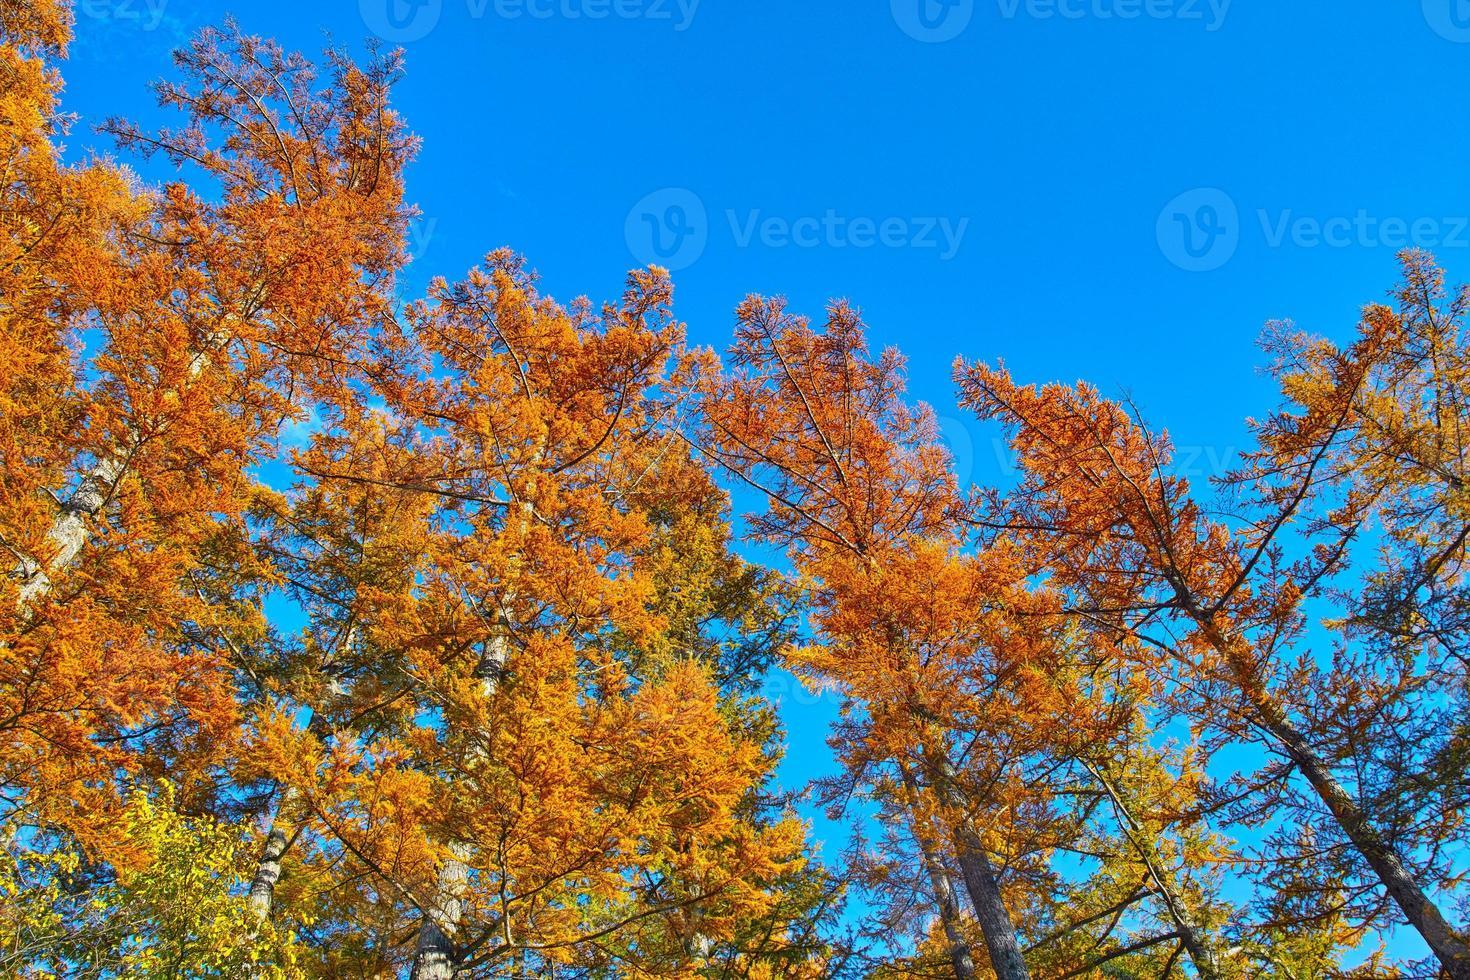 hojas de otoño los bosques de alerces en kamikochi foto